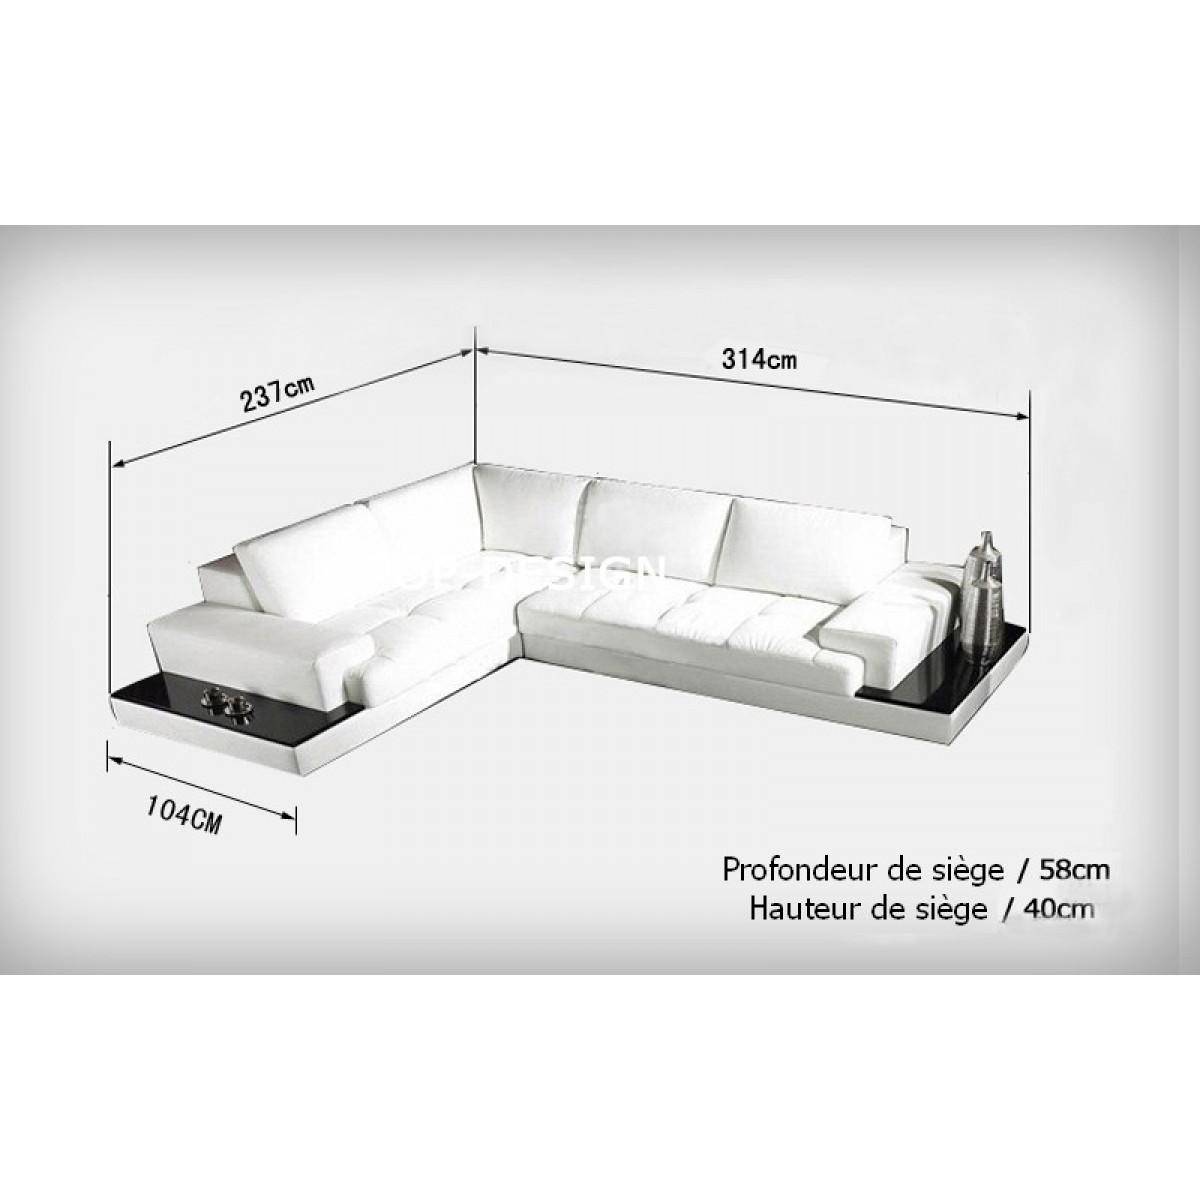 Canap d 39 angle design en cuir loretto avec casiers de rangement - Dimension canape angle ...